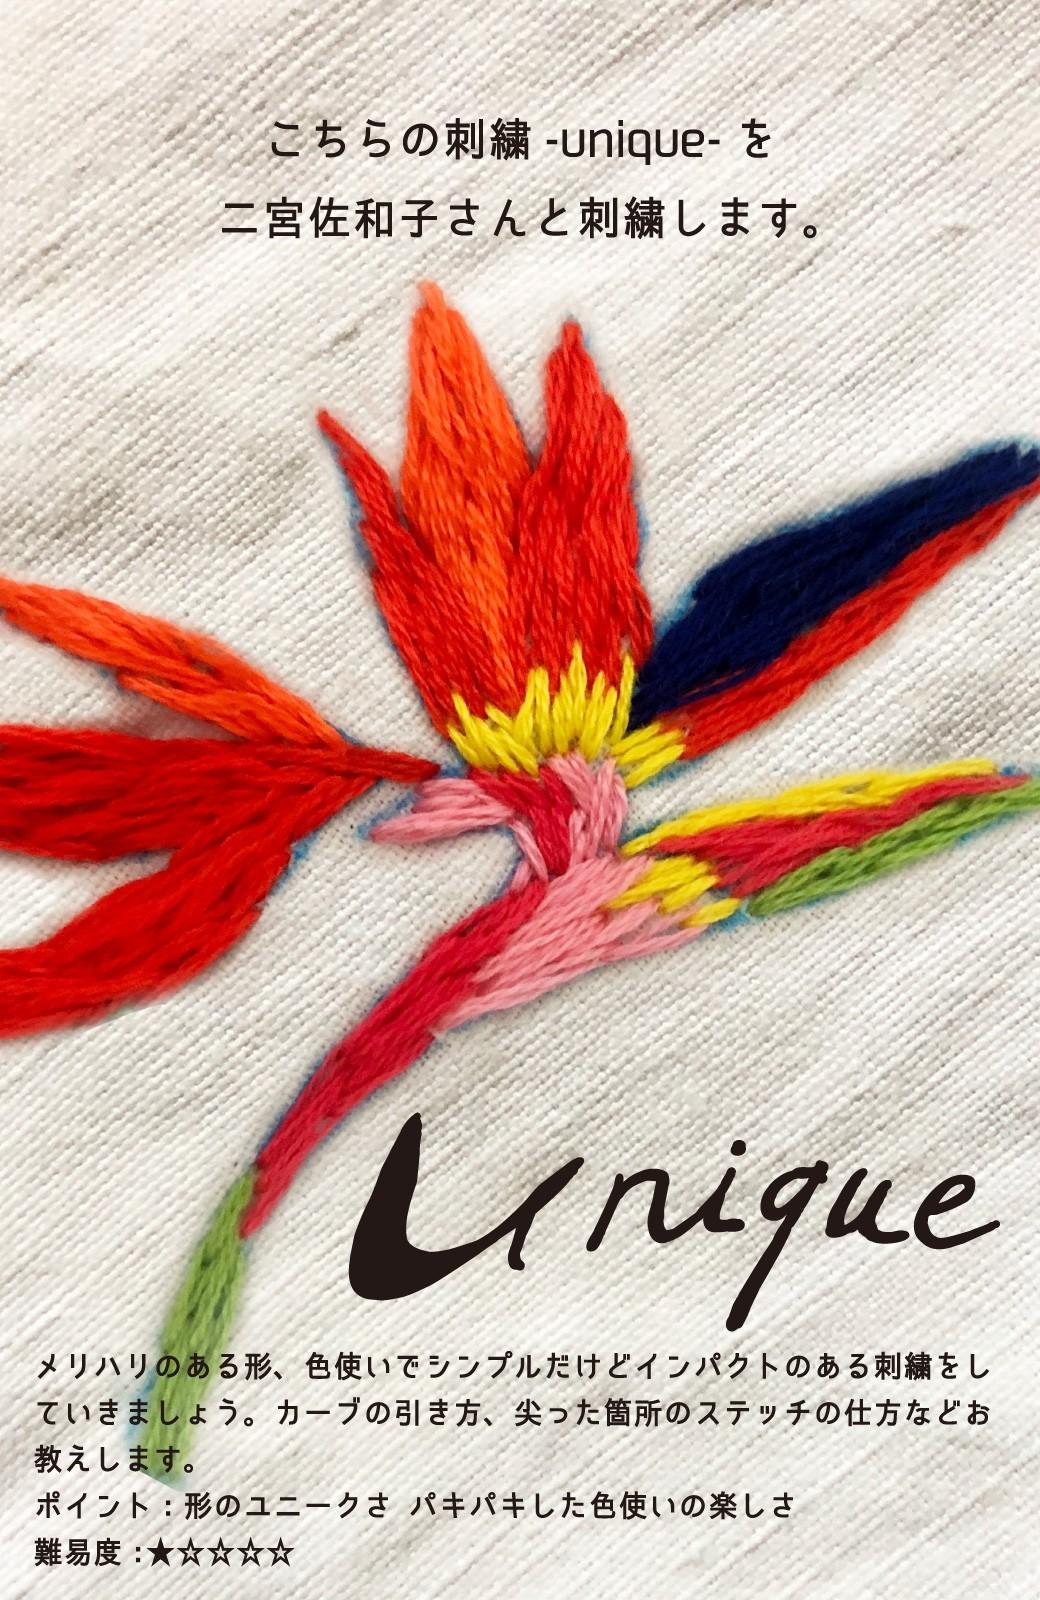 haco! haco! [haco! POST] 刺繍アーティスト二宮佐和子さんとみんなでワイワイ刺繍!zoom縫いワークショップ参加チケット 7/5・7/8開催<unique> <その他>の商品写真2